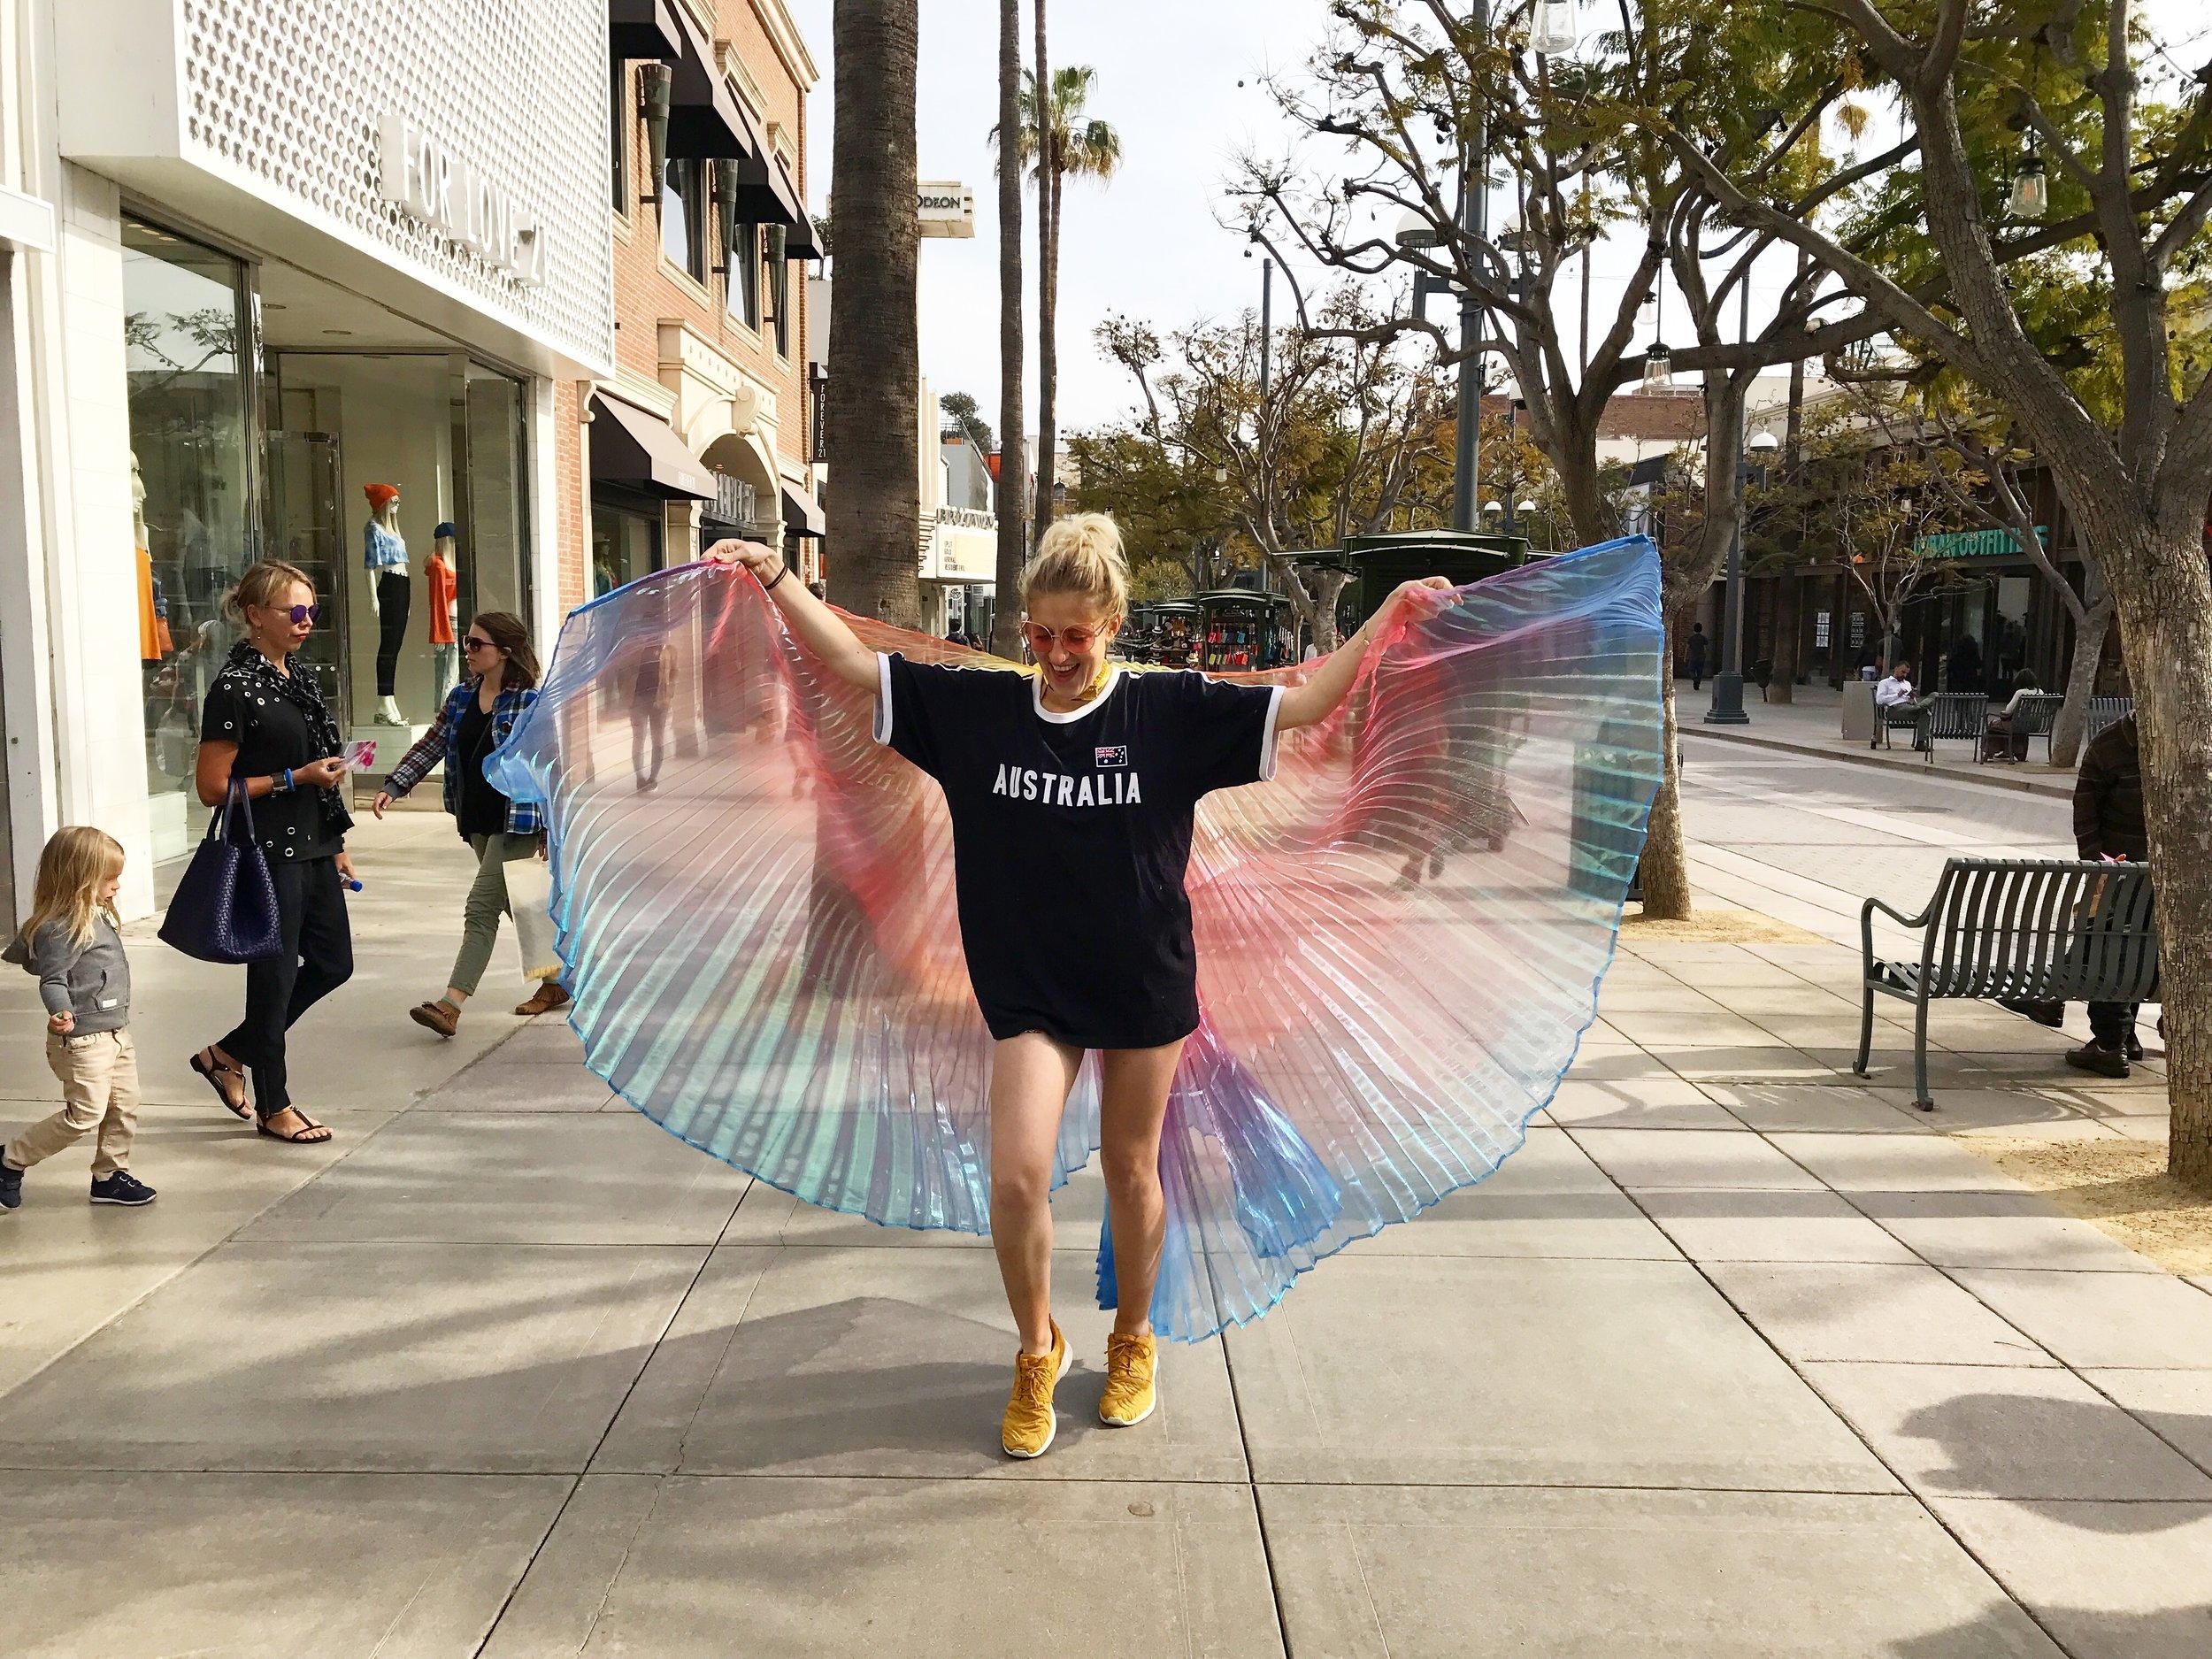 Got my angel wings in Santa Monica